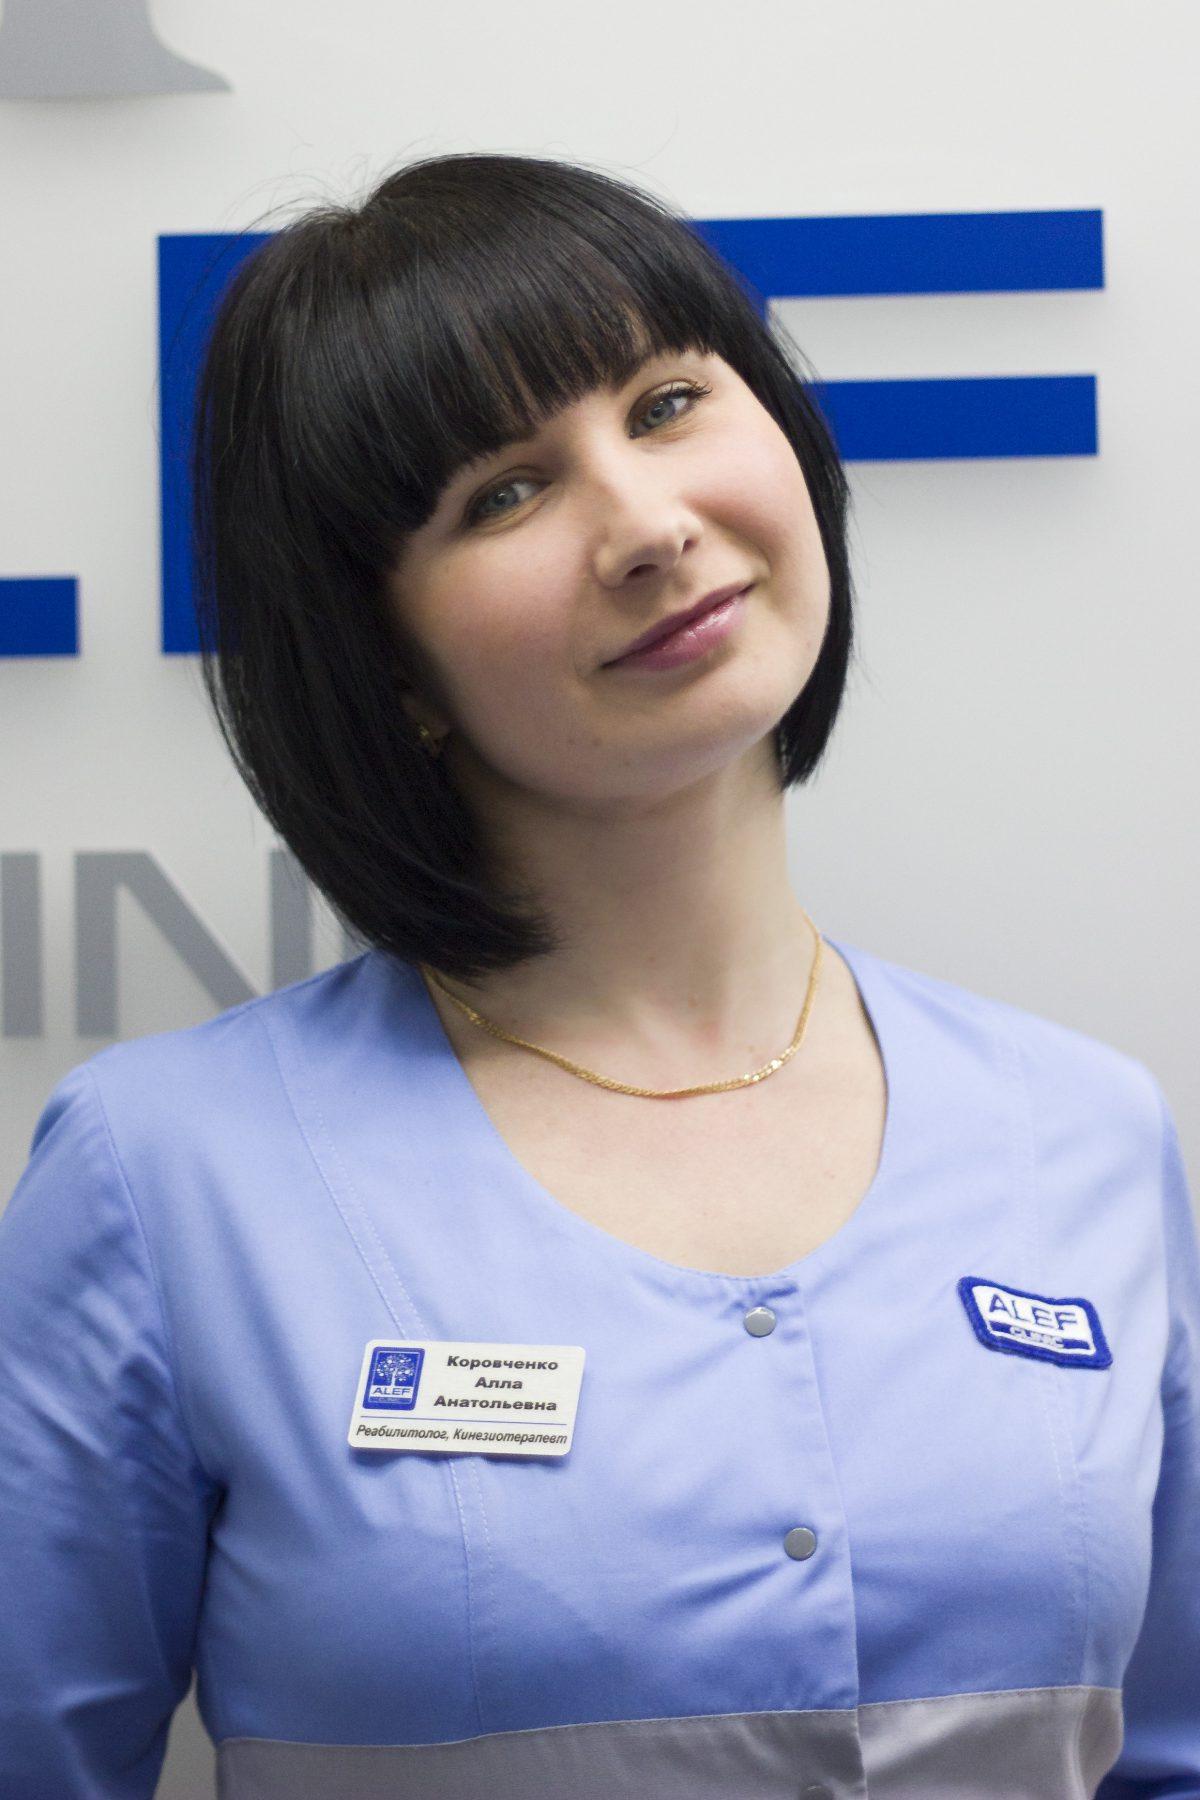 Коровченко Алла Анатольевна